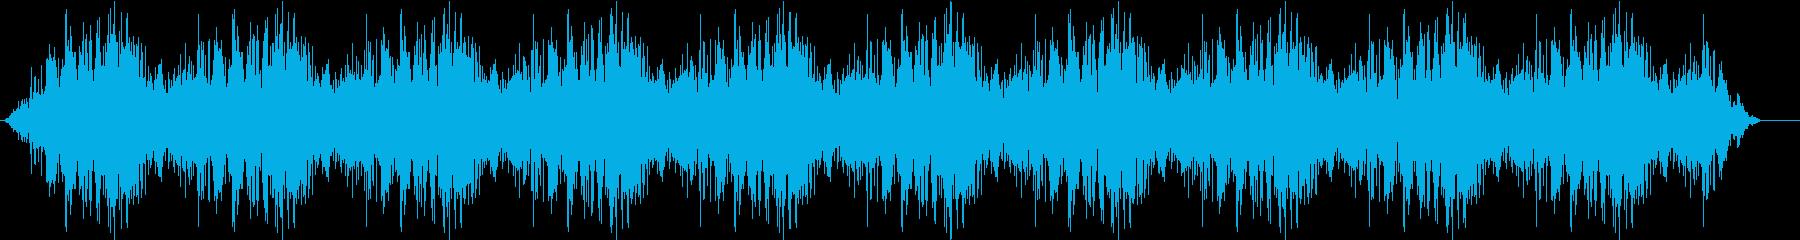 ドドドドの再生済みの波形